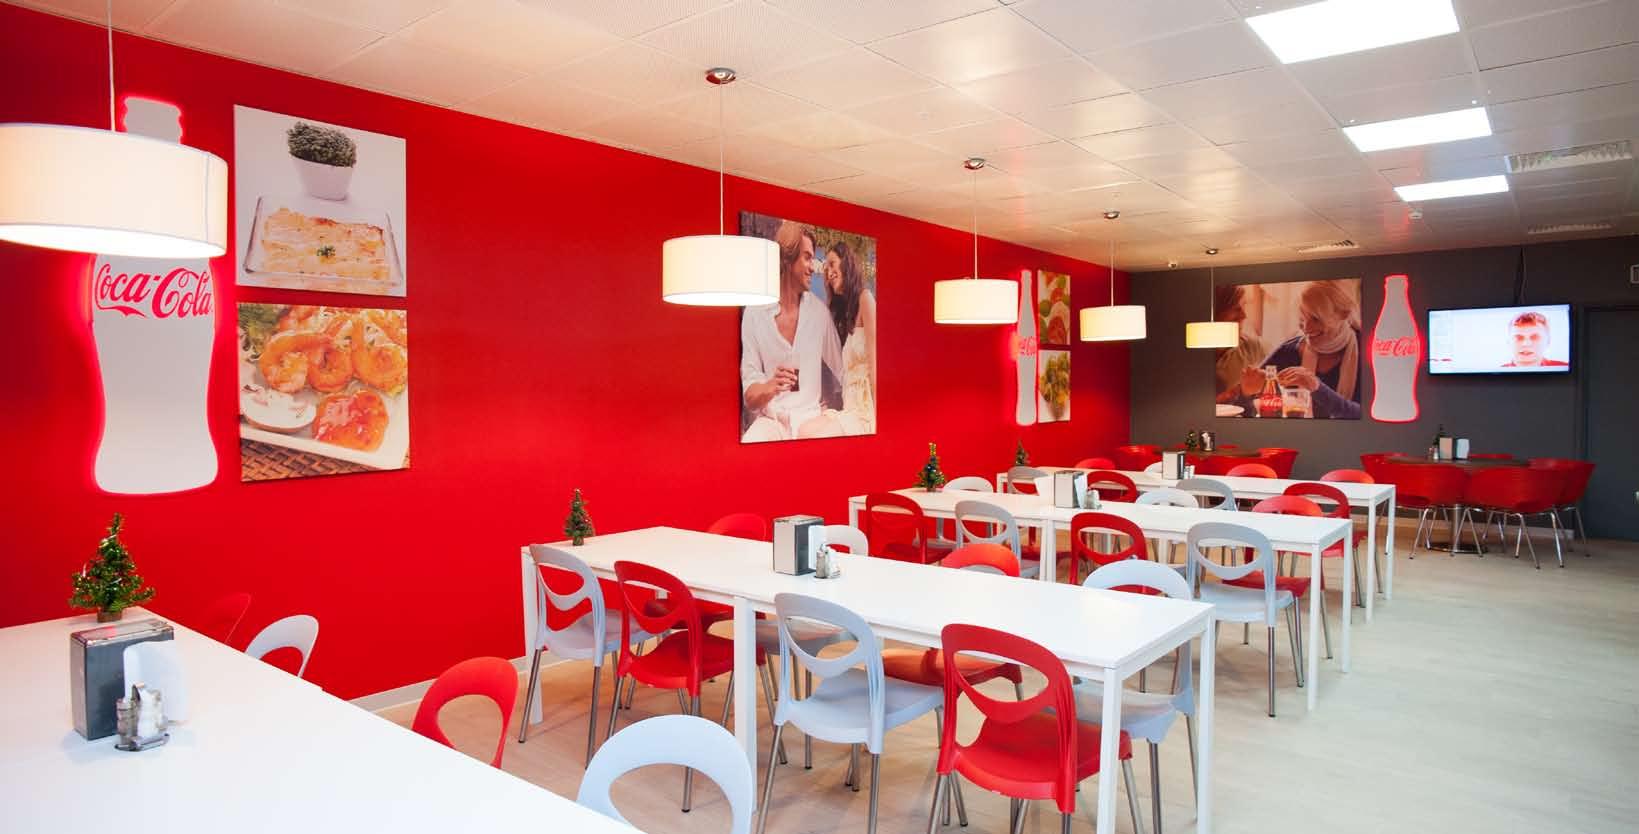 Дизайн интерьера ресторана, дизайн кафе, бара - наше